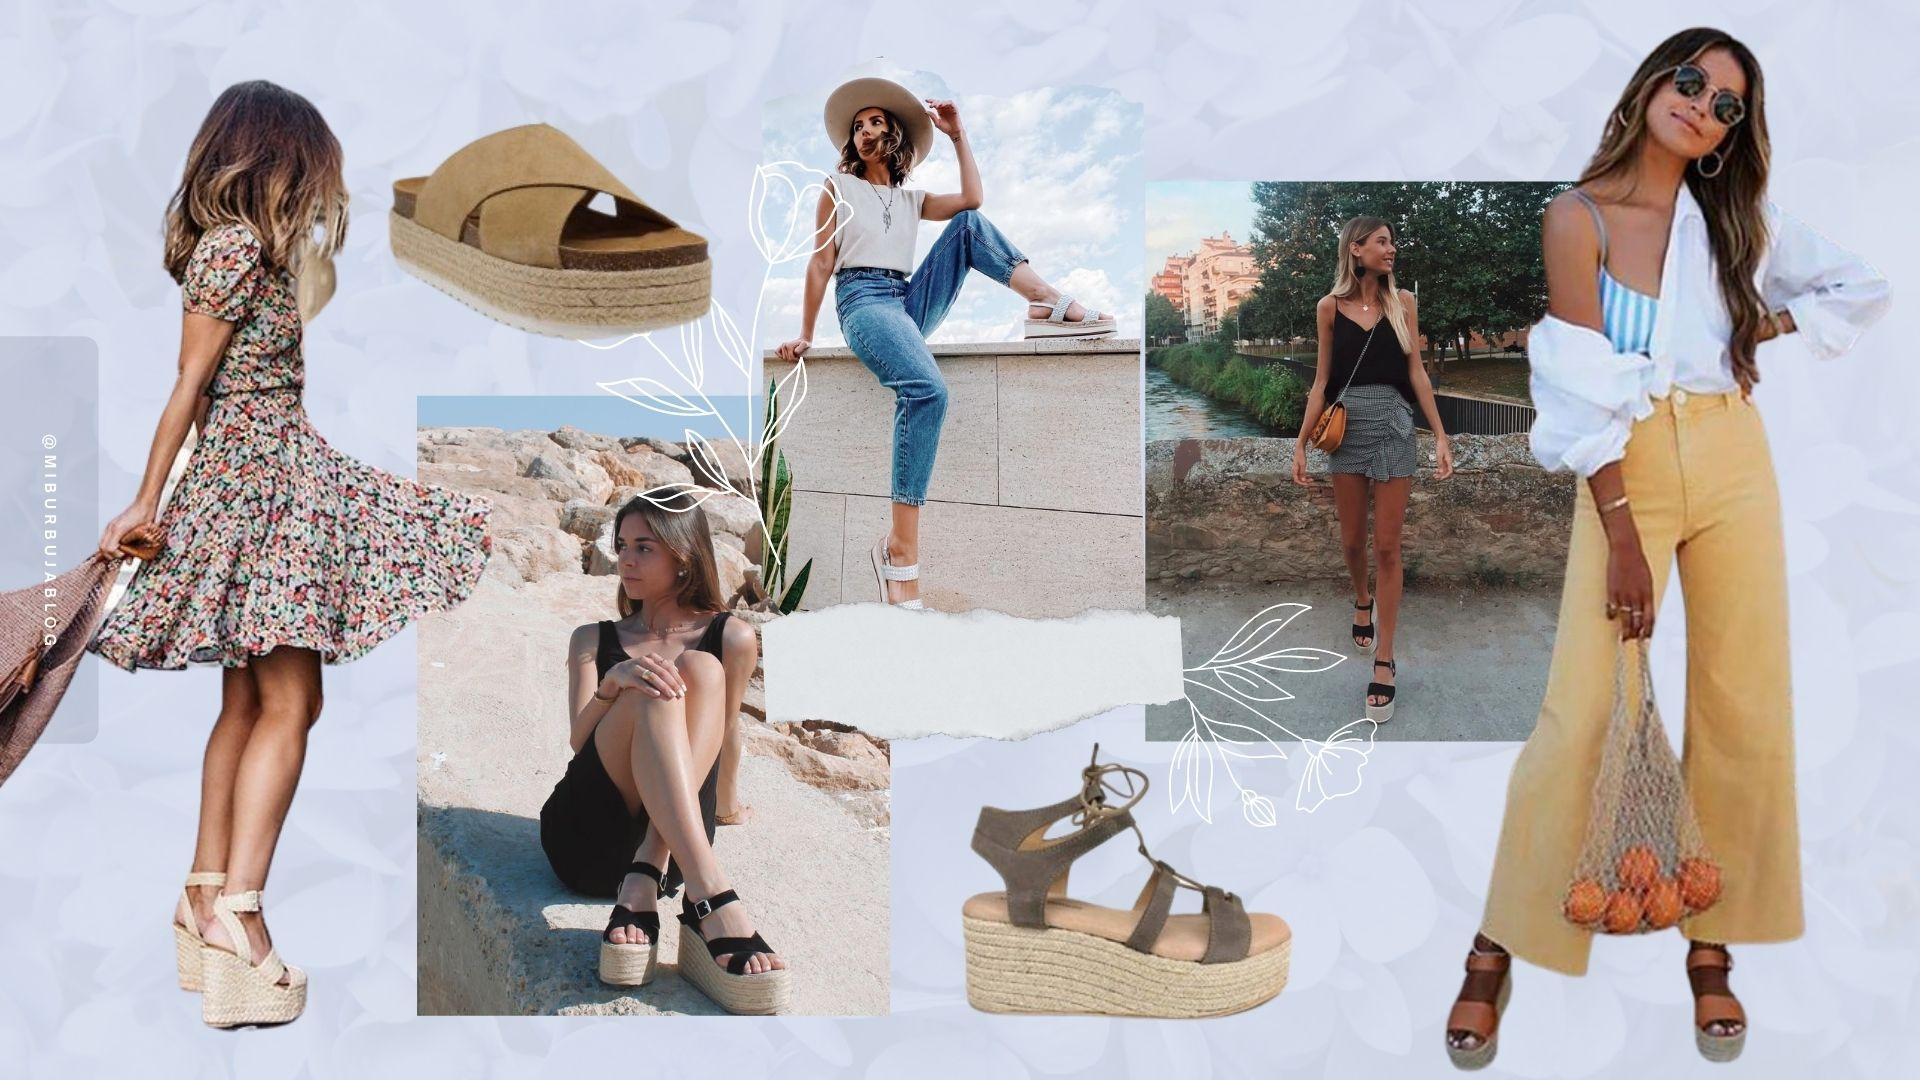 Sandalias de plataforma: 5 formas de llevar el calzado del verano